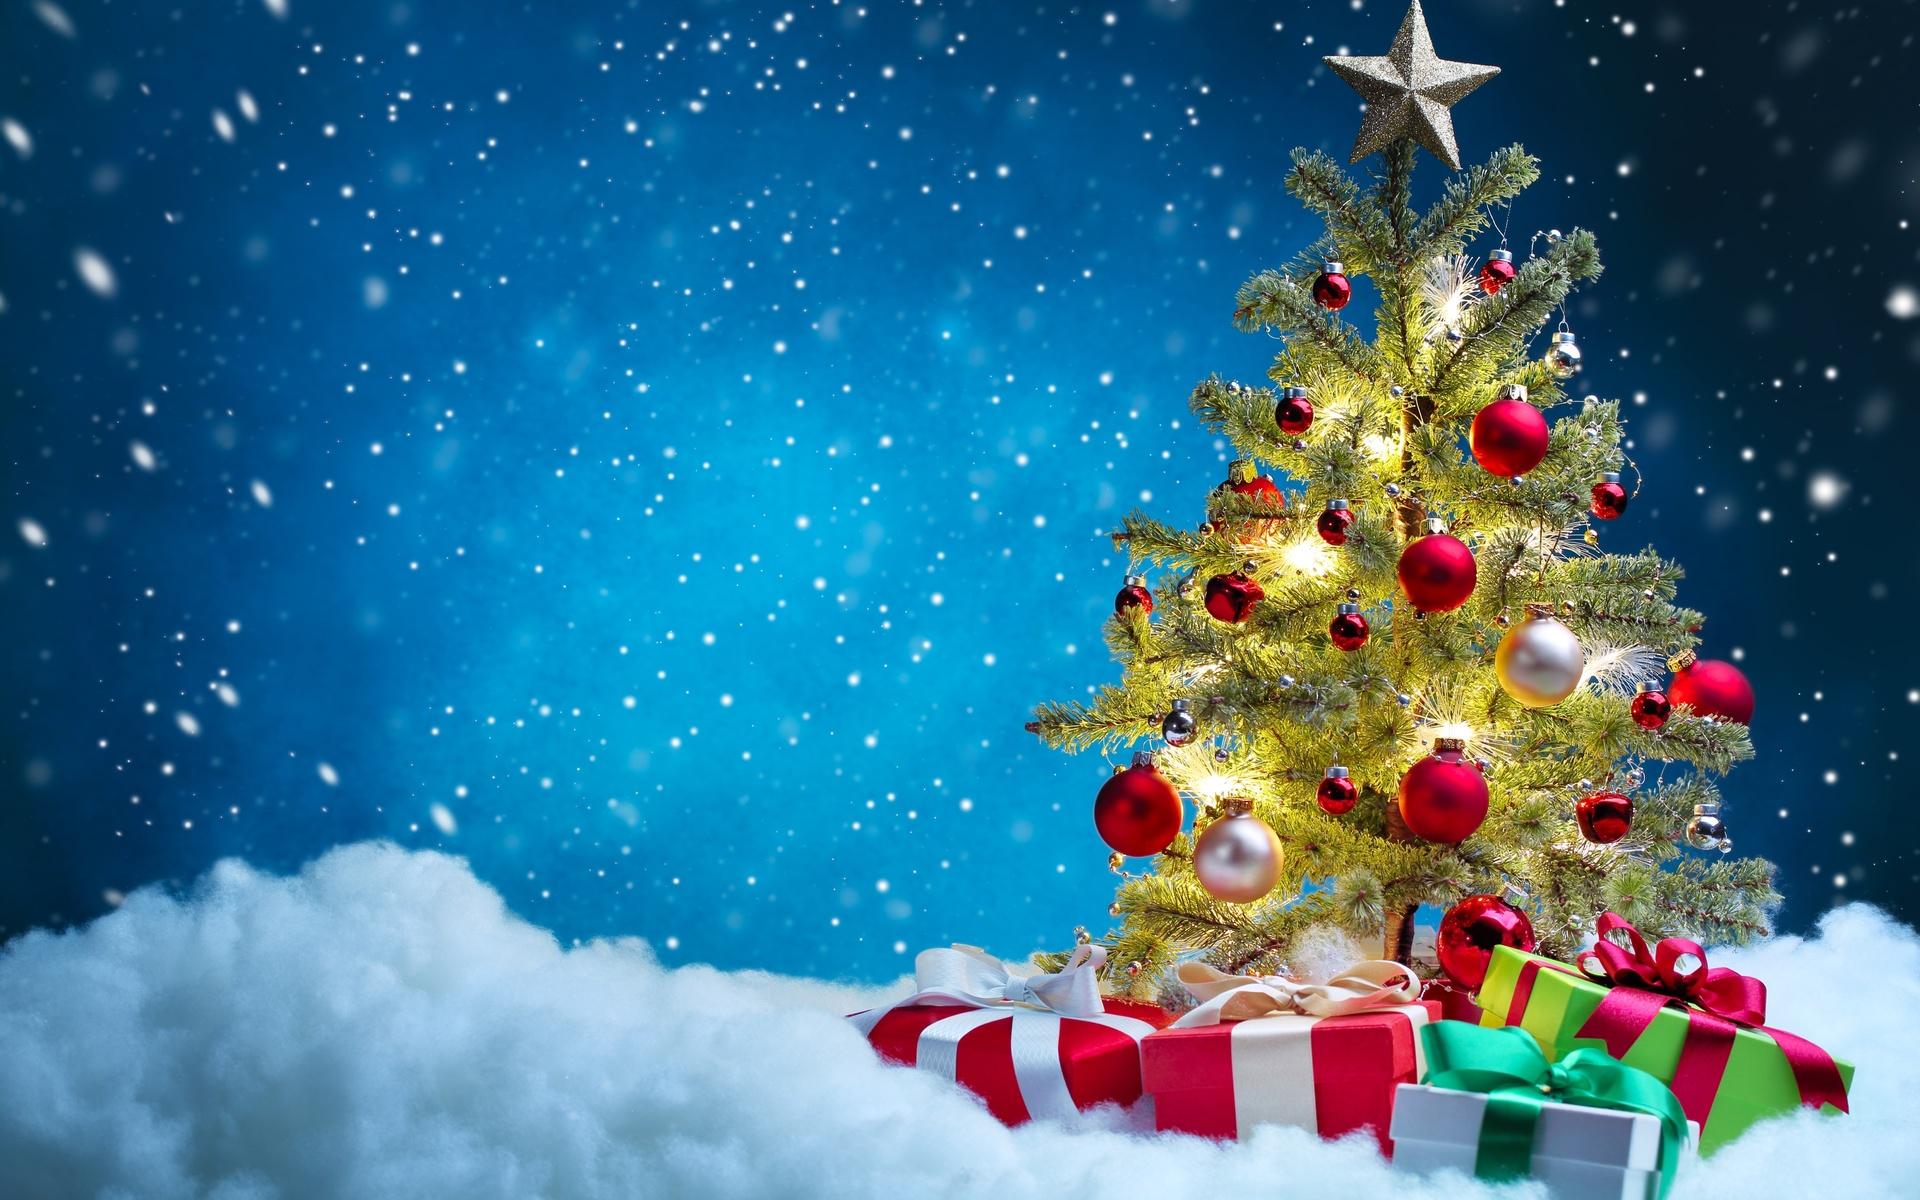 Смешных рожиц, открытка елки с новым годом